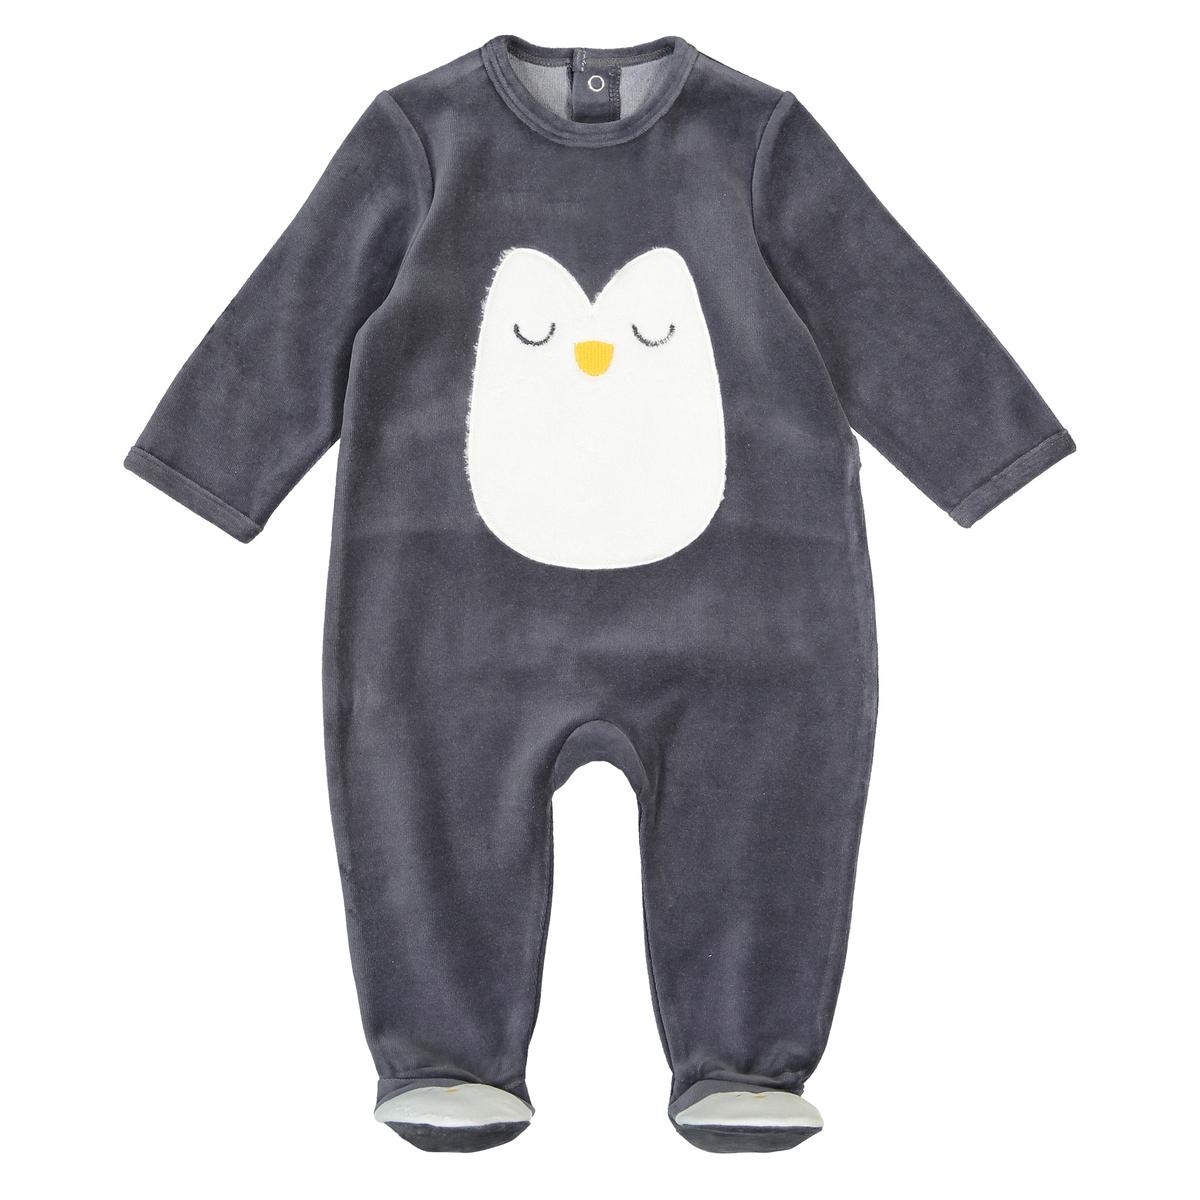 цена Пижама La Redoute С носочками из велюра мес - года 3 года - 94 см серый онлайн в 2017 году